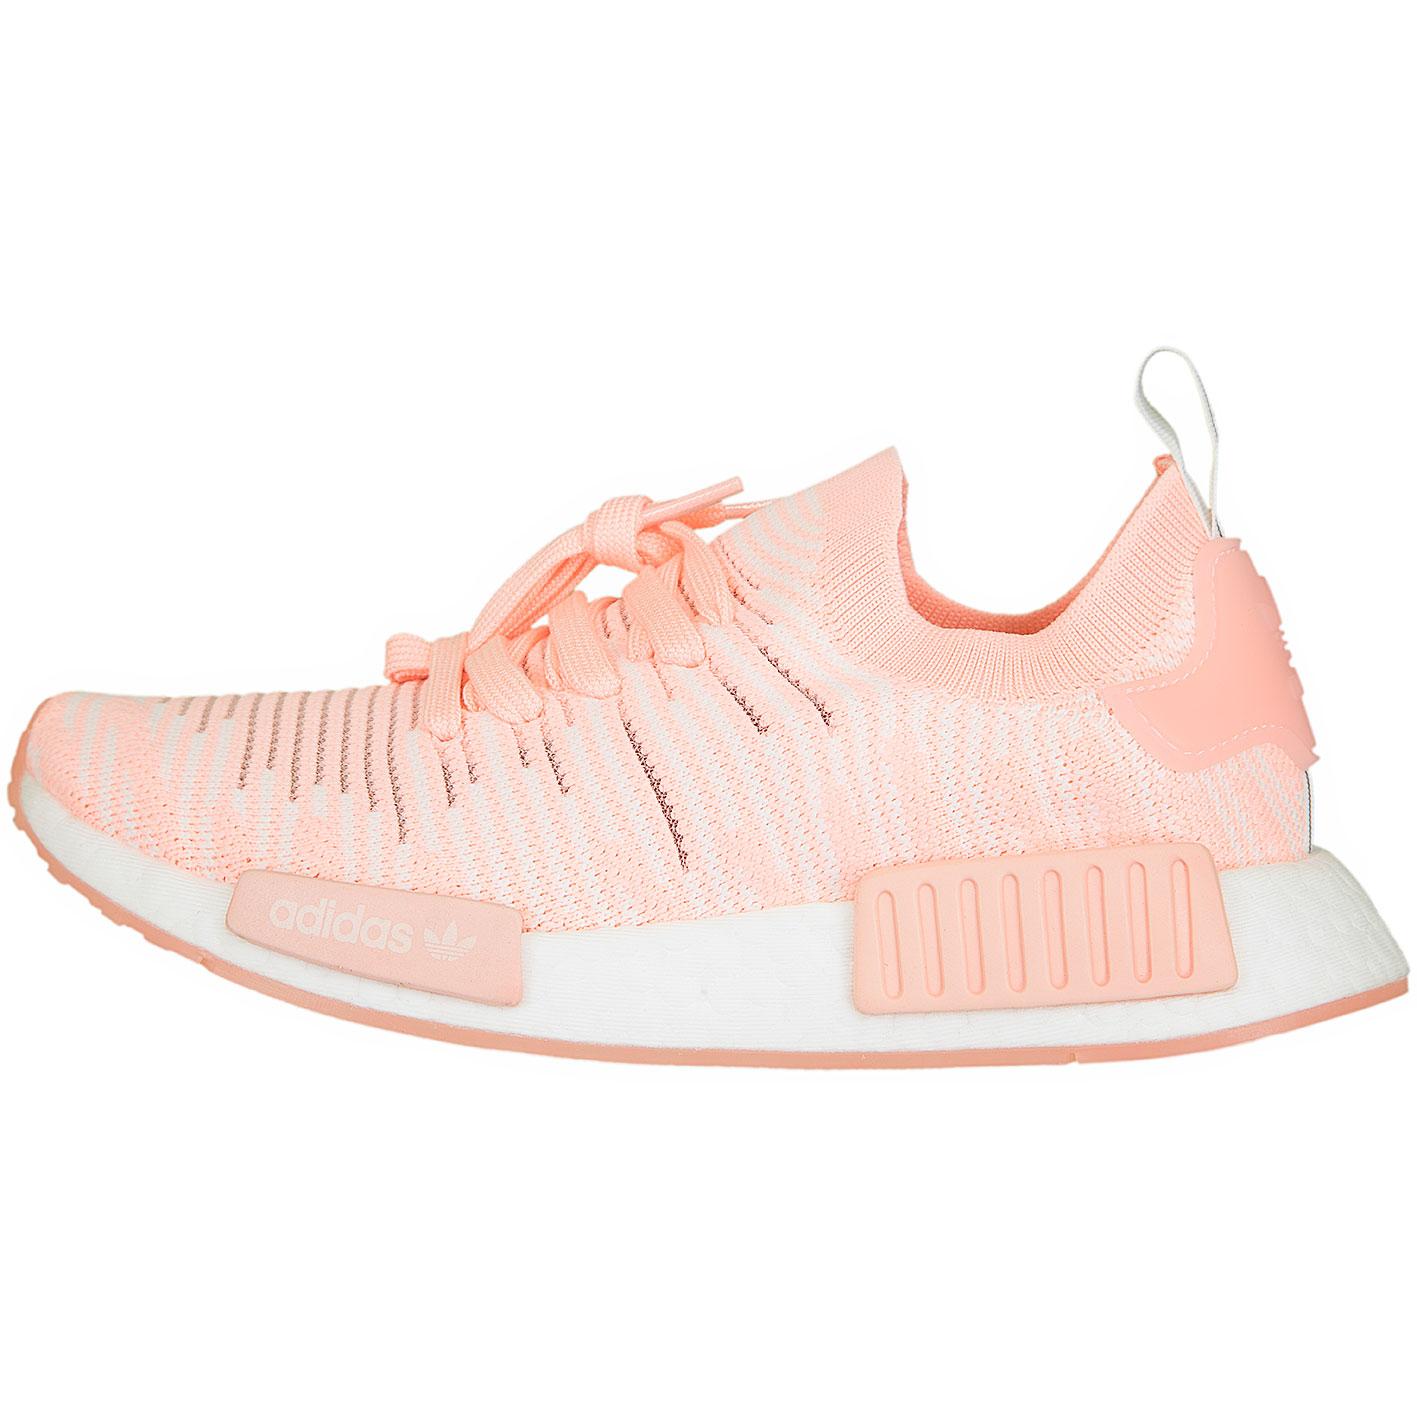 adidas nmd damen r1 rosa